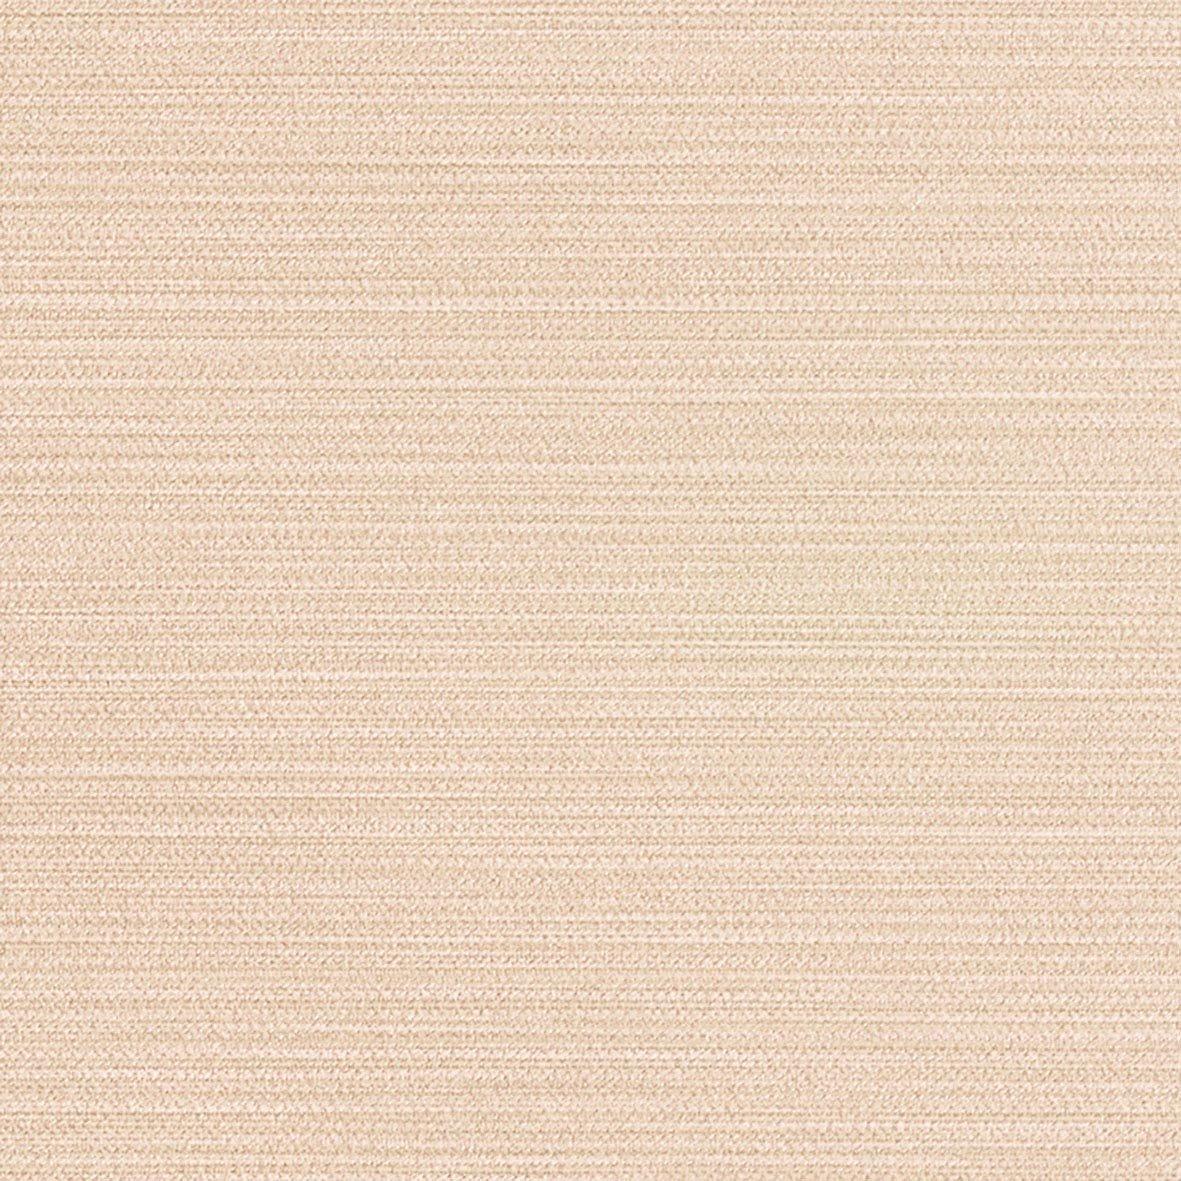 リリカラ 壁紙48m ナチュラル 織物調 ベージュ 撥水トップコートComfort Selection-消臭- LW-2135 B07611JZM7 48m|ベージュ2